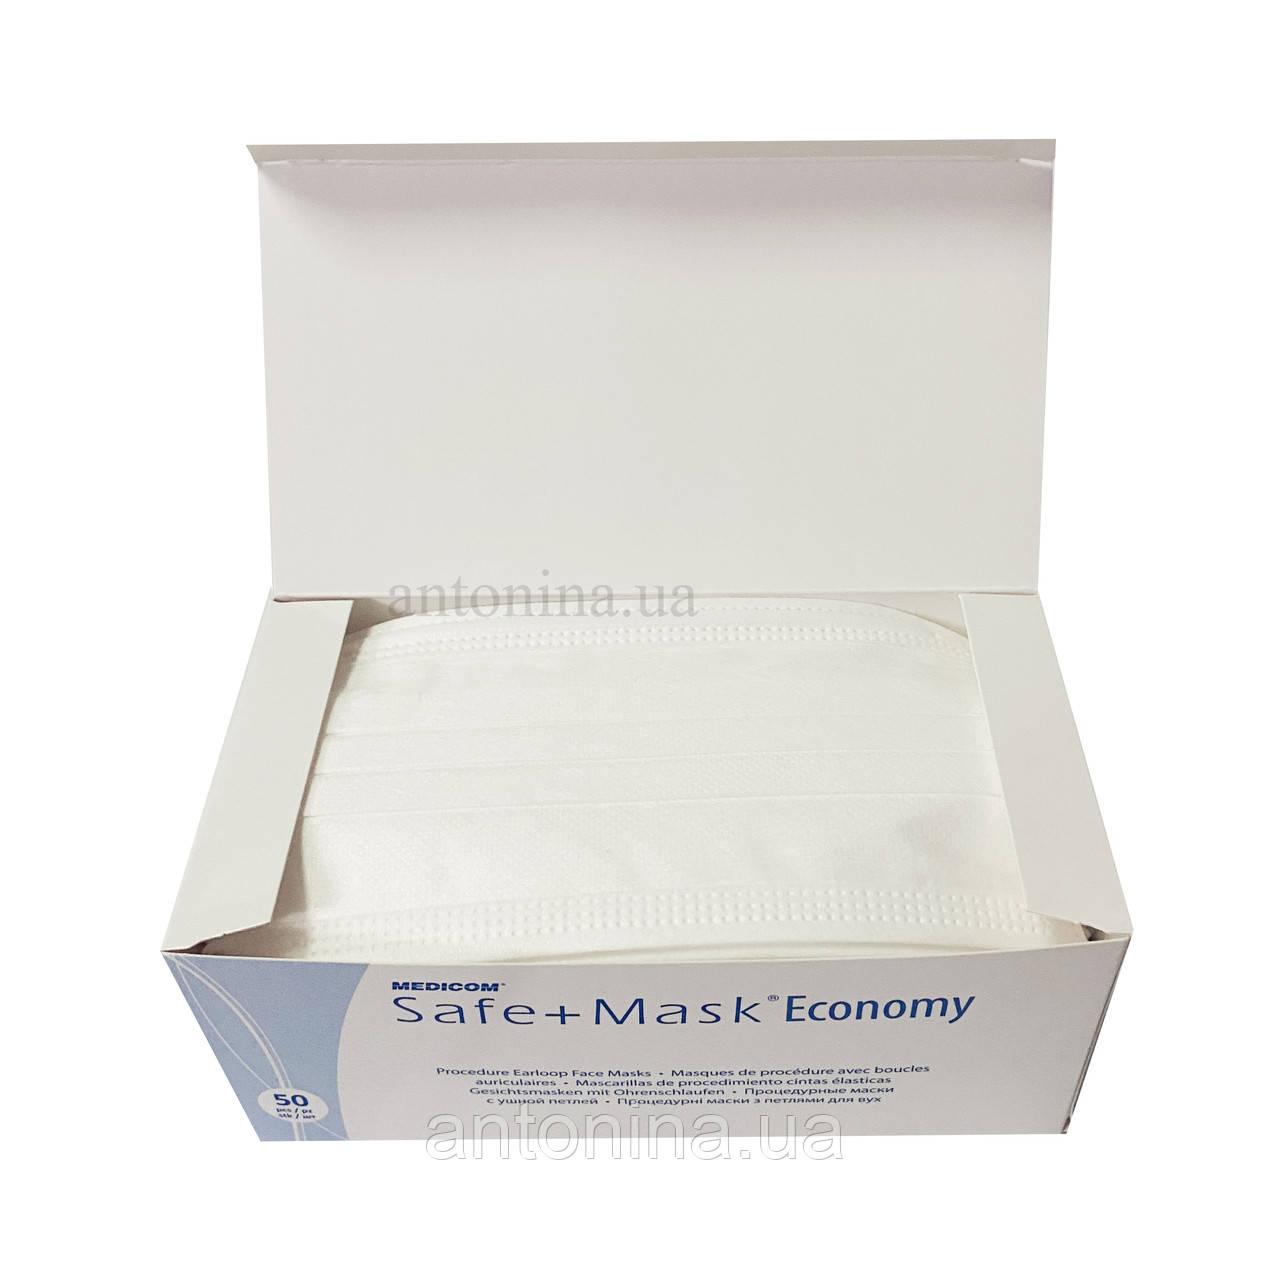 Маска захисна на резинці, біла Medicom, 50 шт/уп